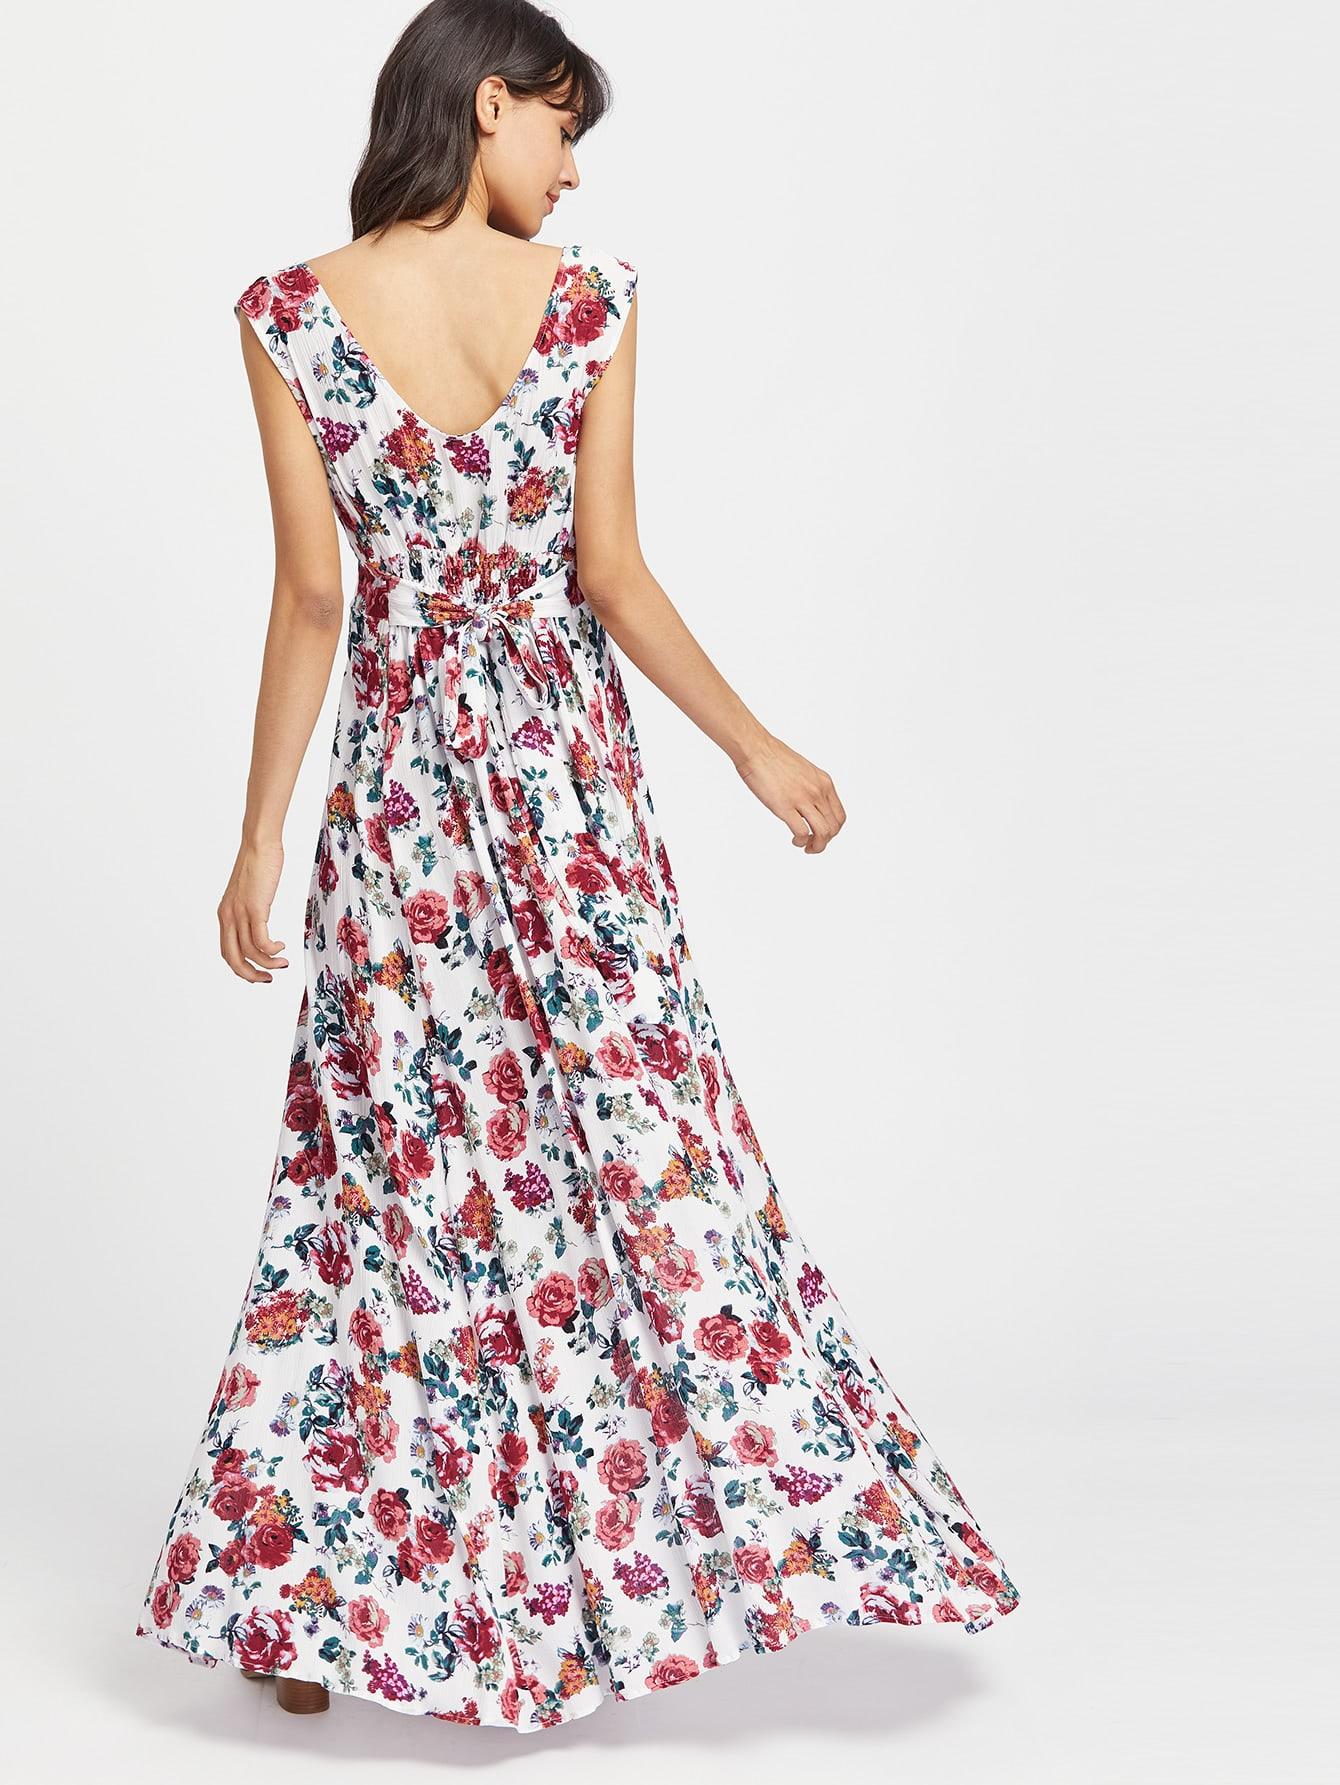 dress170411453_2